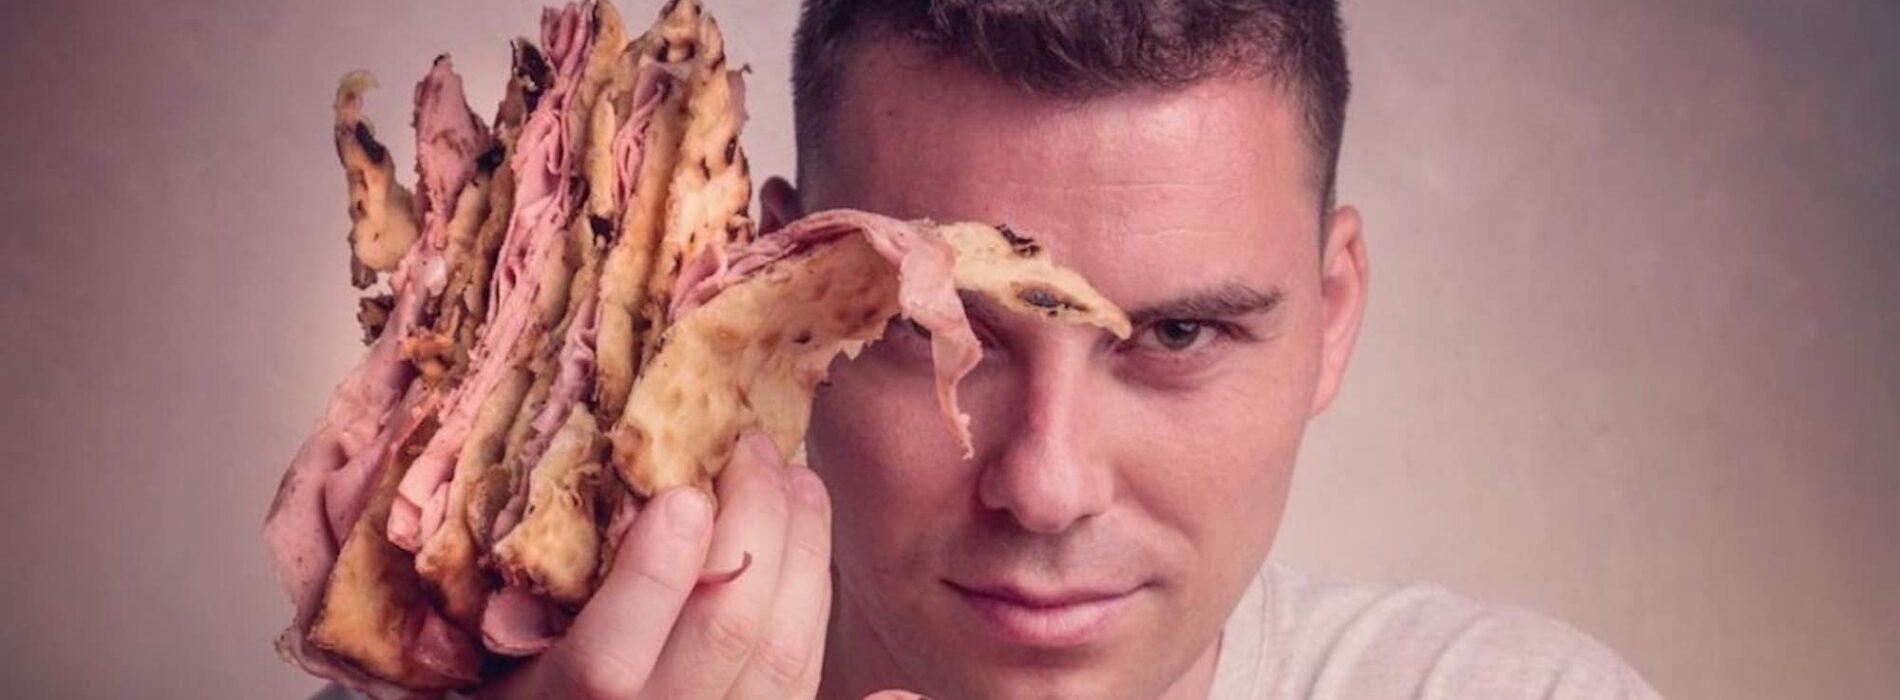 """Jacopo Mercuro e il nuovo 180g, Roma: """"La mia pizza cambia casa ma resta a Centocelle. Farci affossare dal Covid? Non se po' fa'"""""""